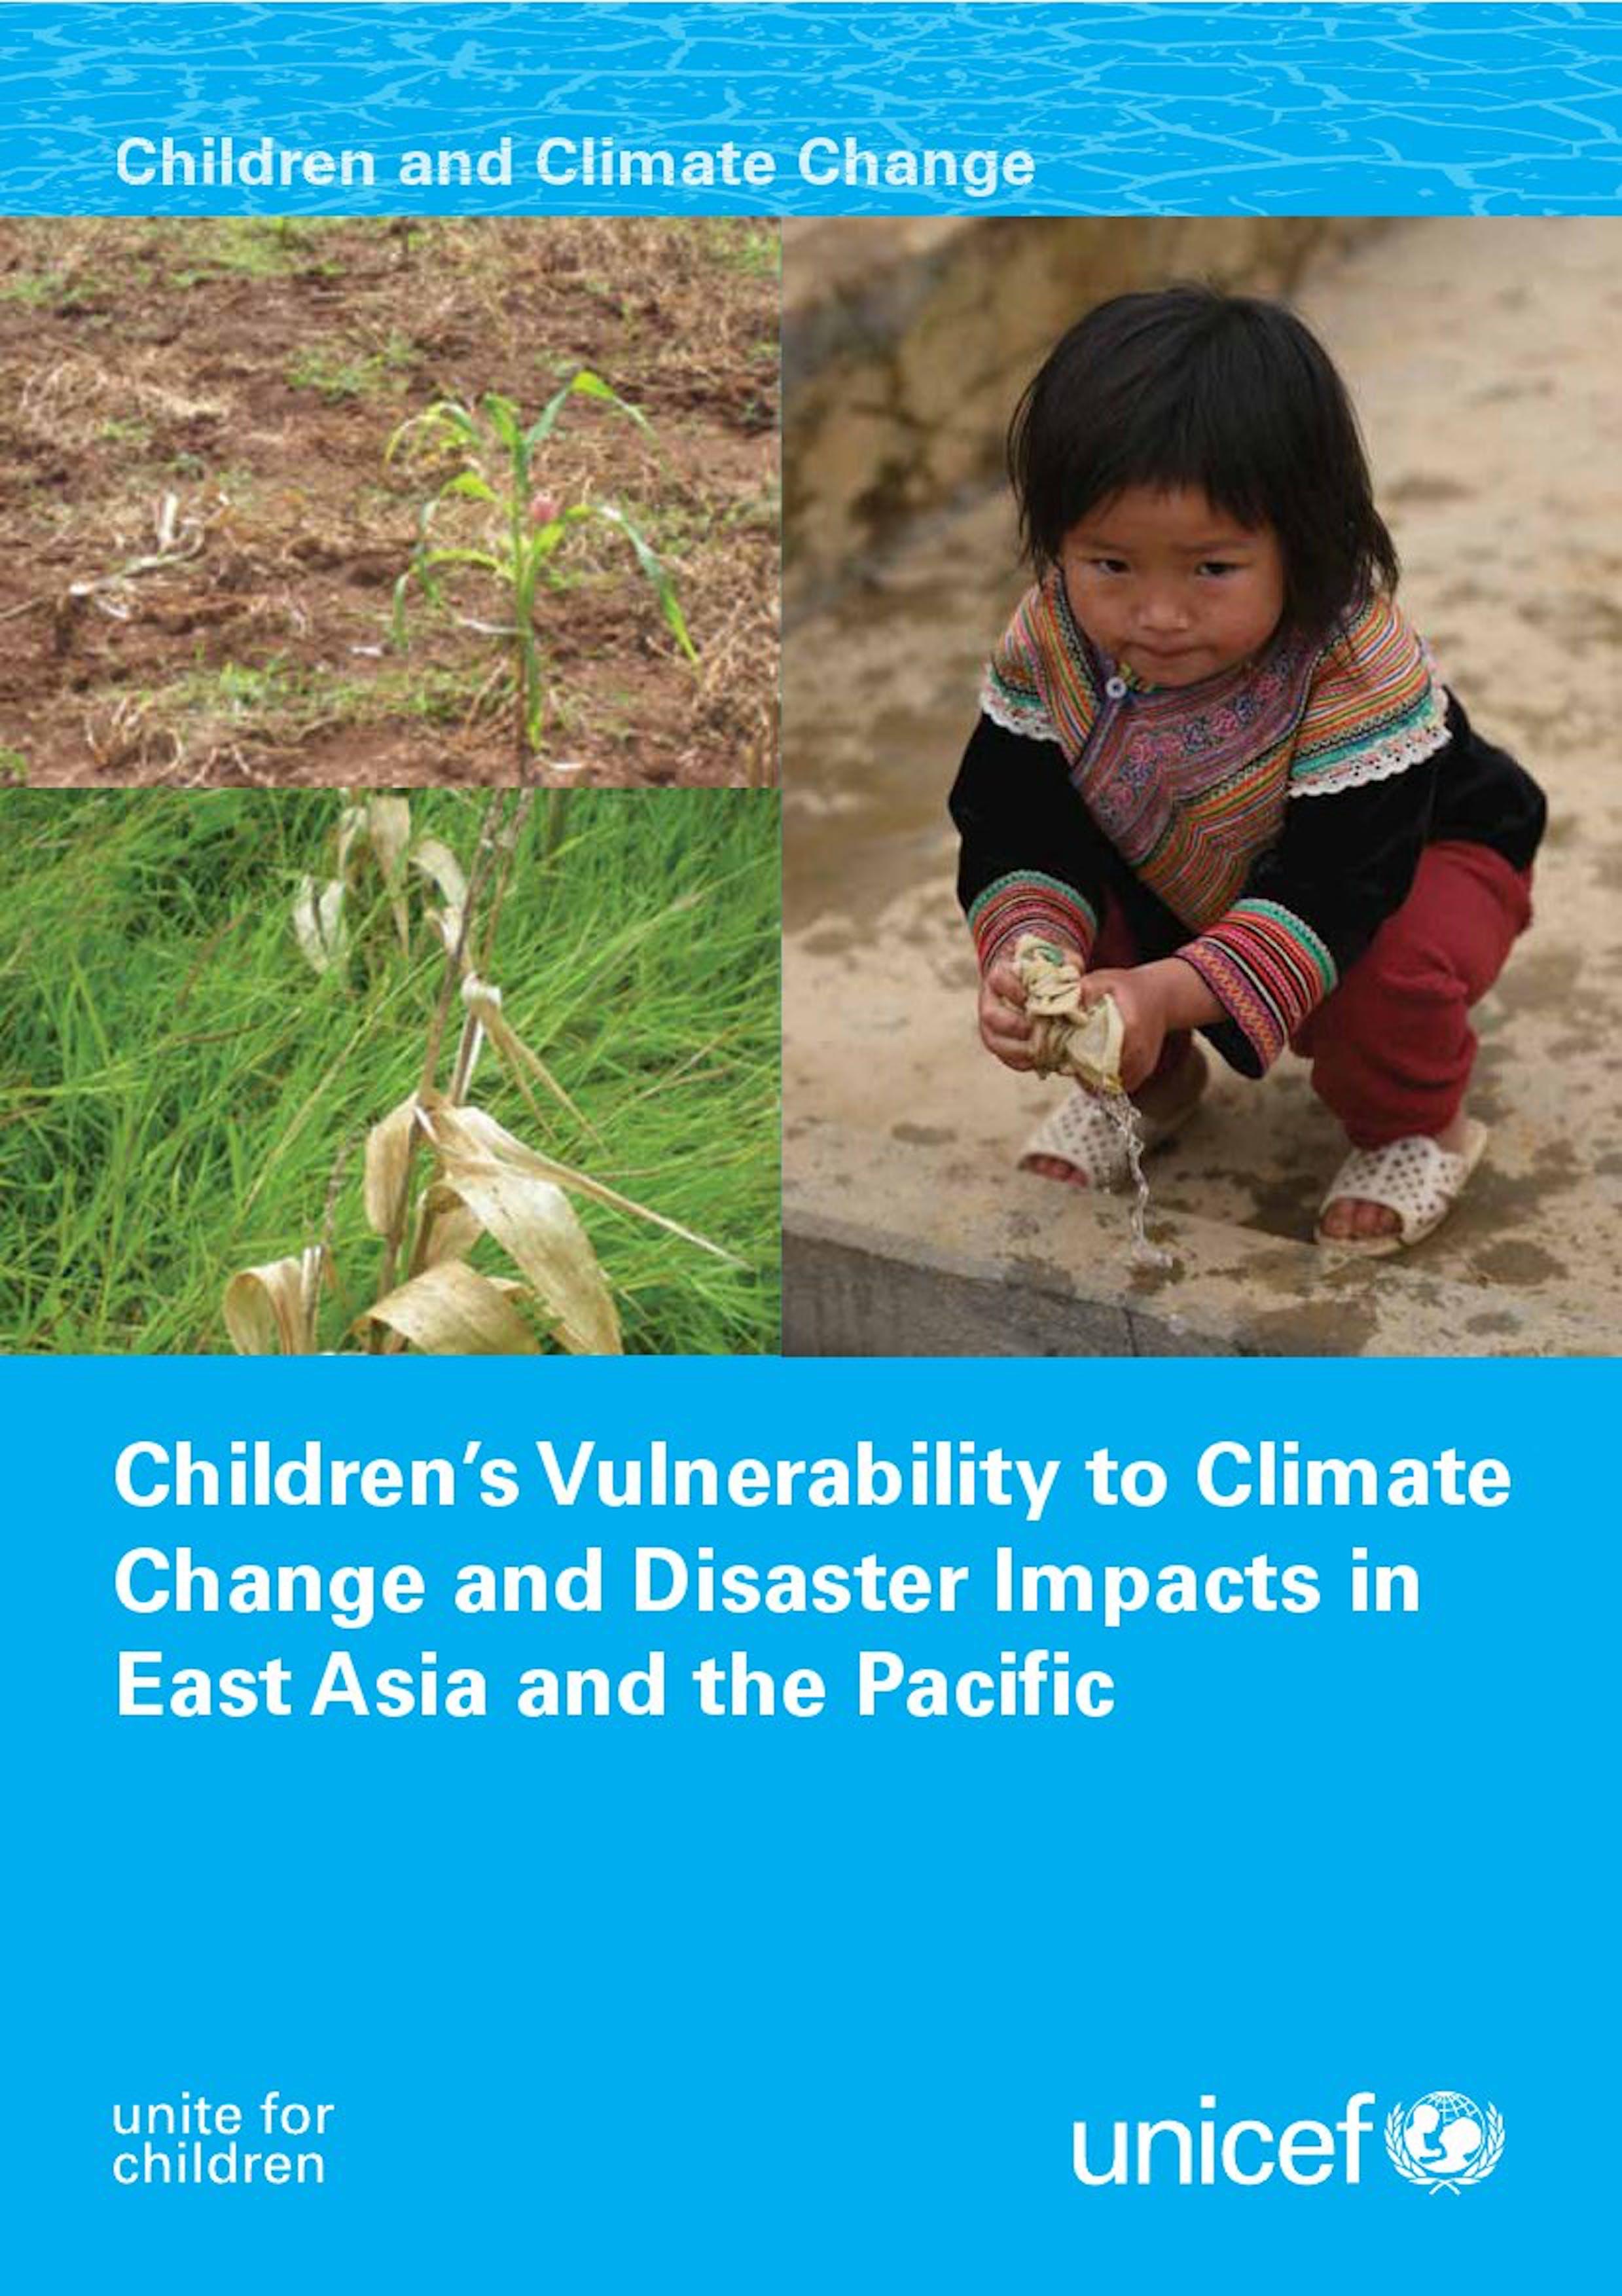 Vulnerabilità dei bambini ai cambiamenti climatici in Asia Orientale e nel Pacifico